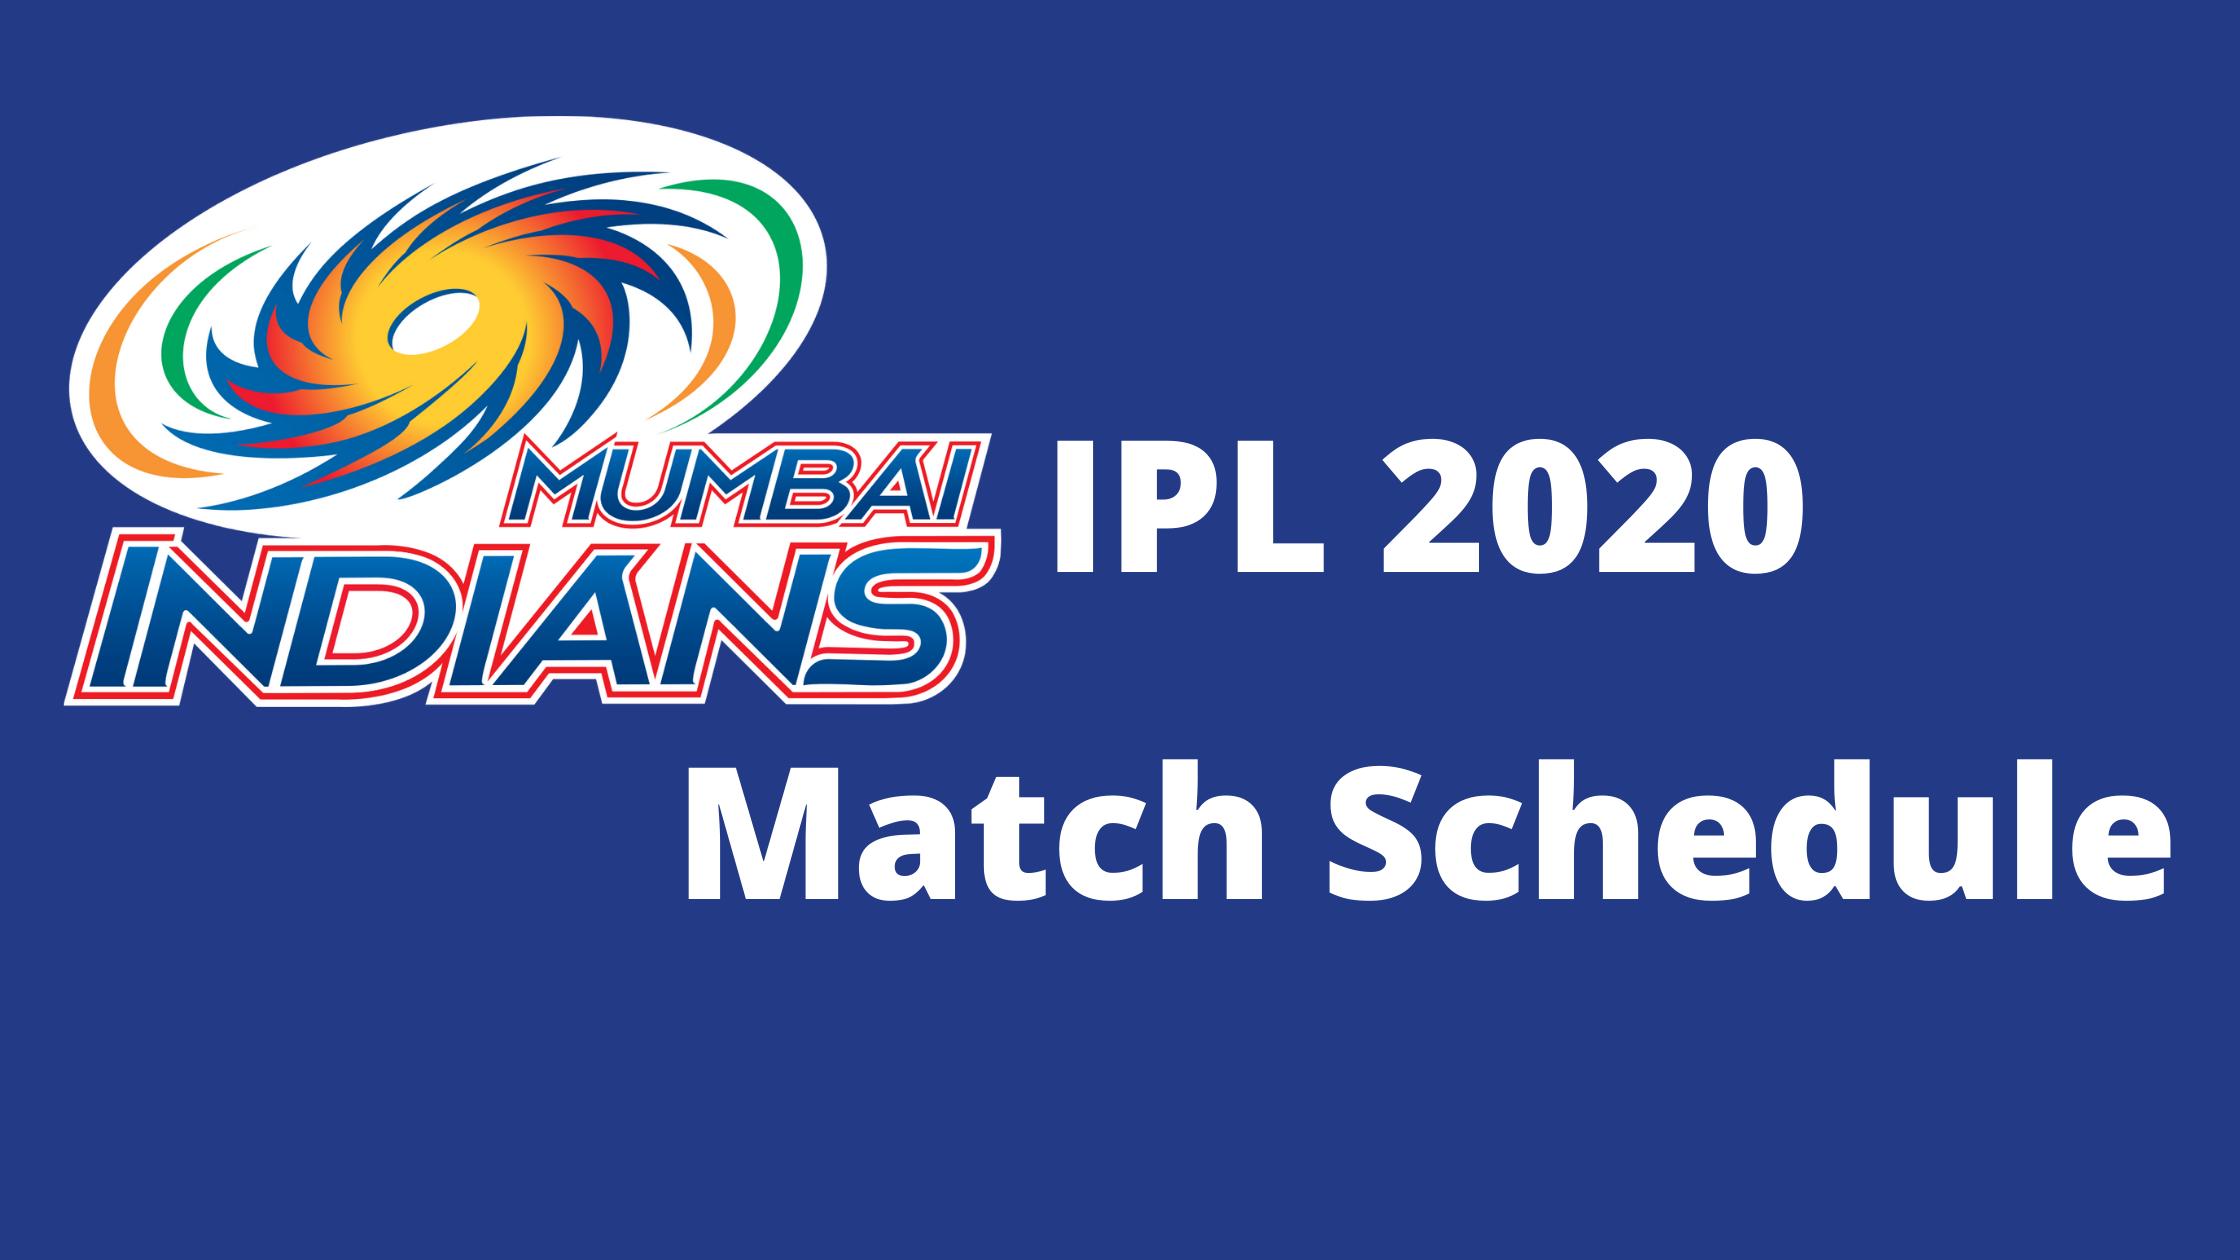 Dream11 IPL 2020 Mumbai Indians Match Schedule